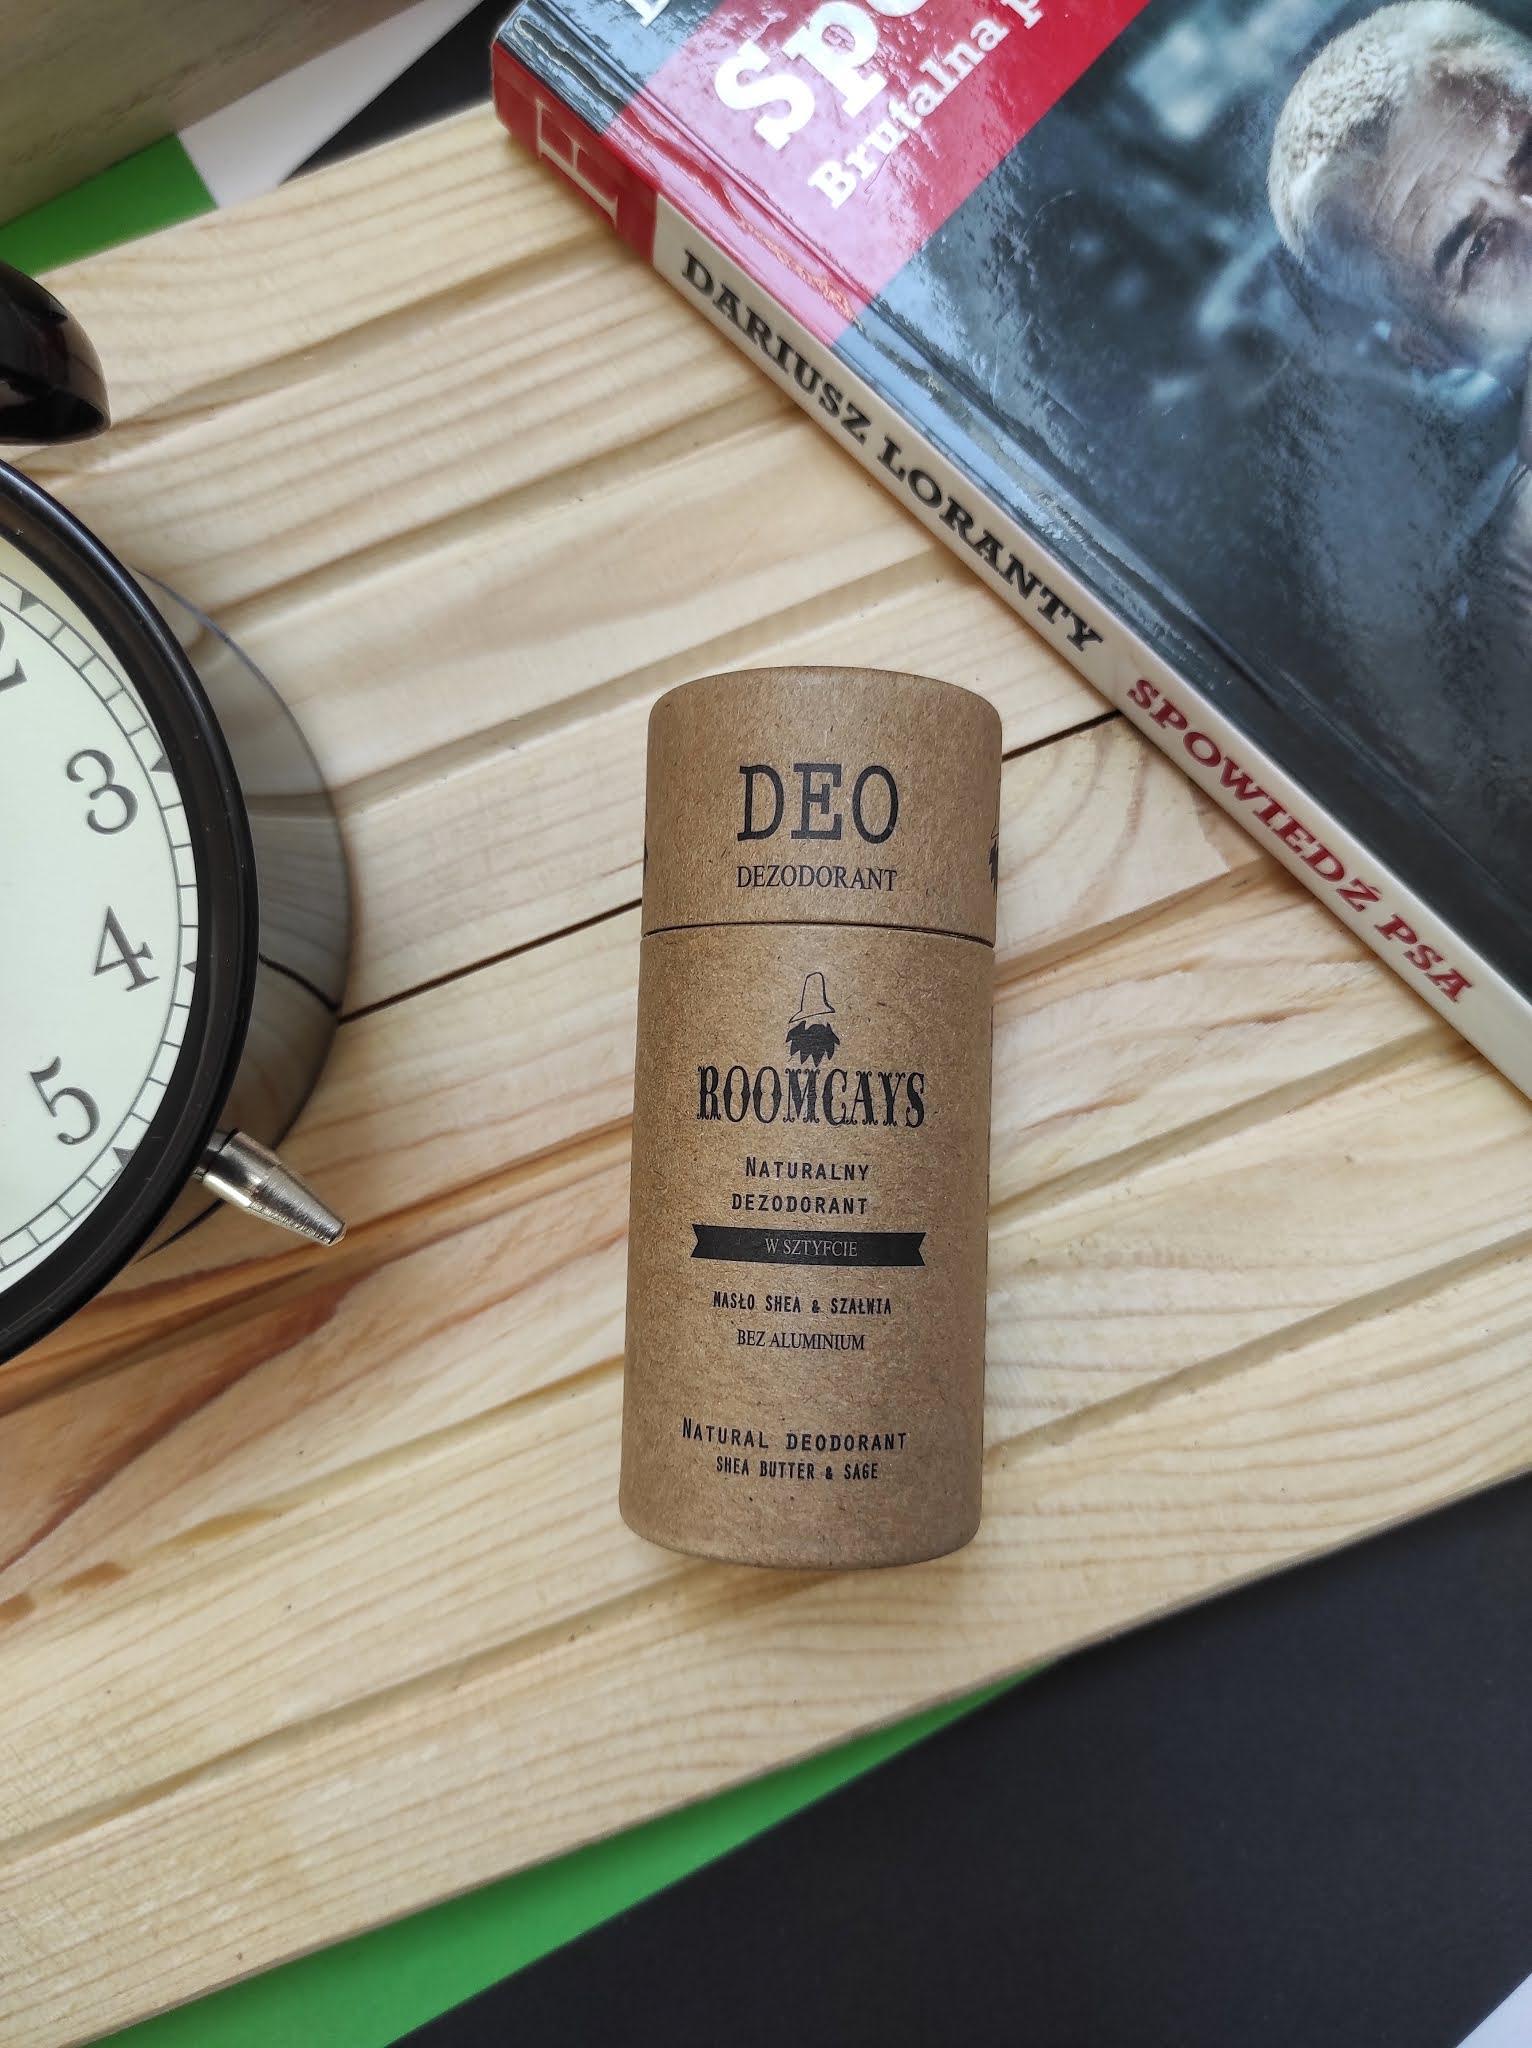 Dezodorant w sztyfcie dla mężczyzn  Roomcays - nowość w ofercie marki.